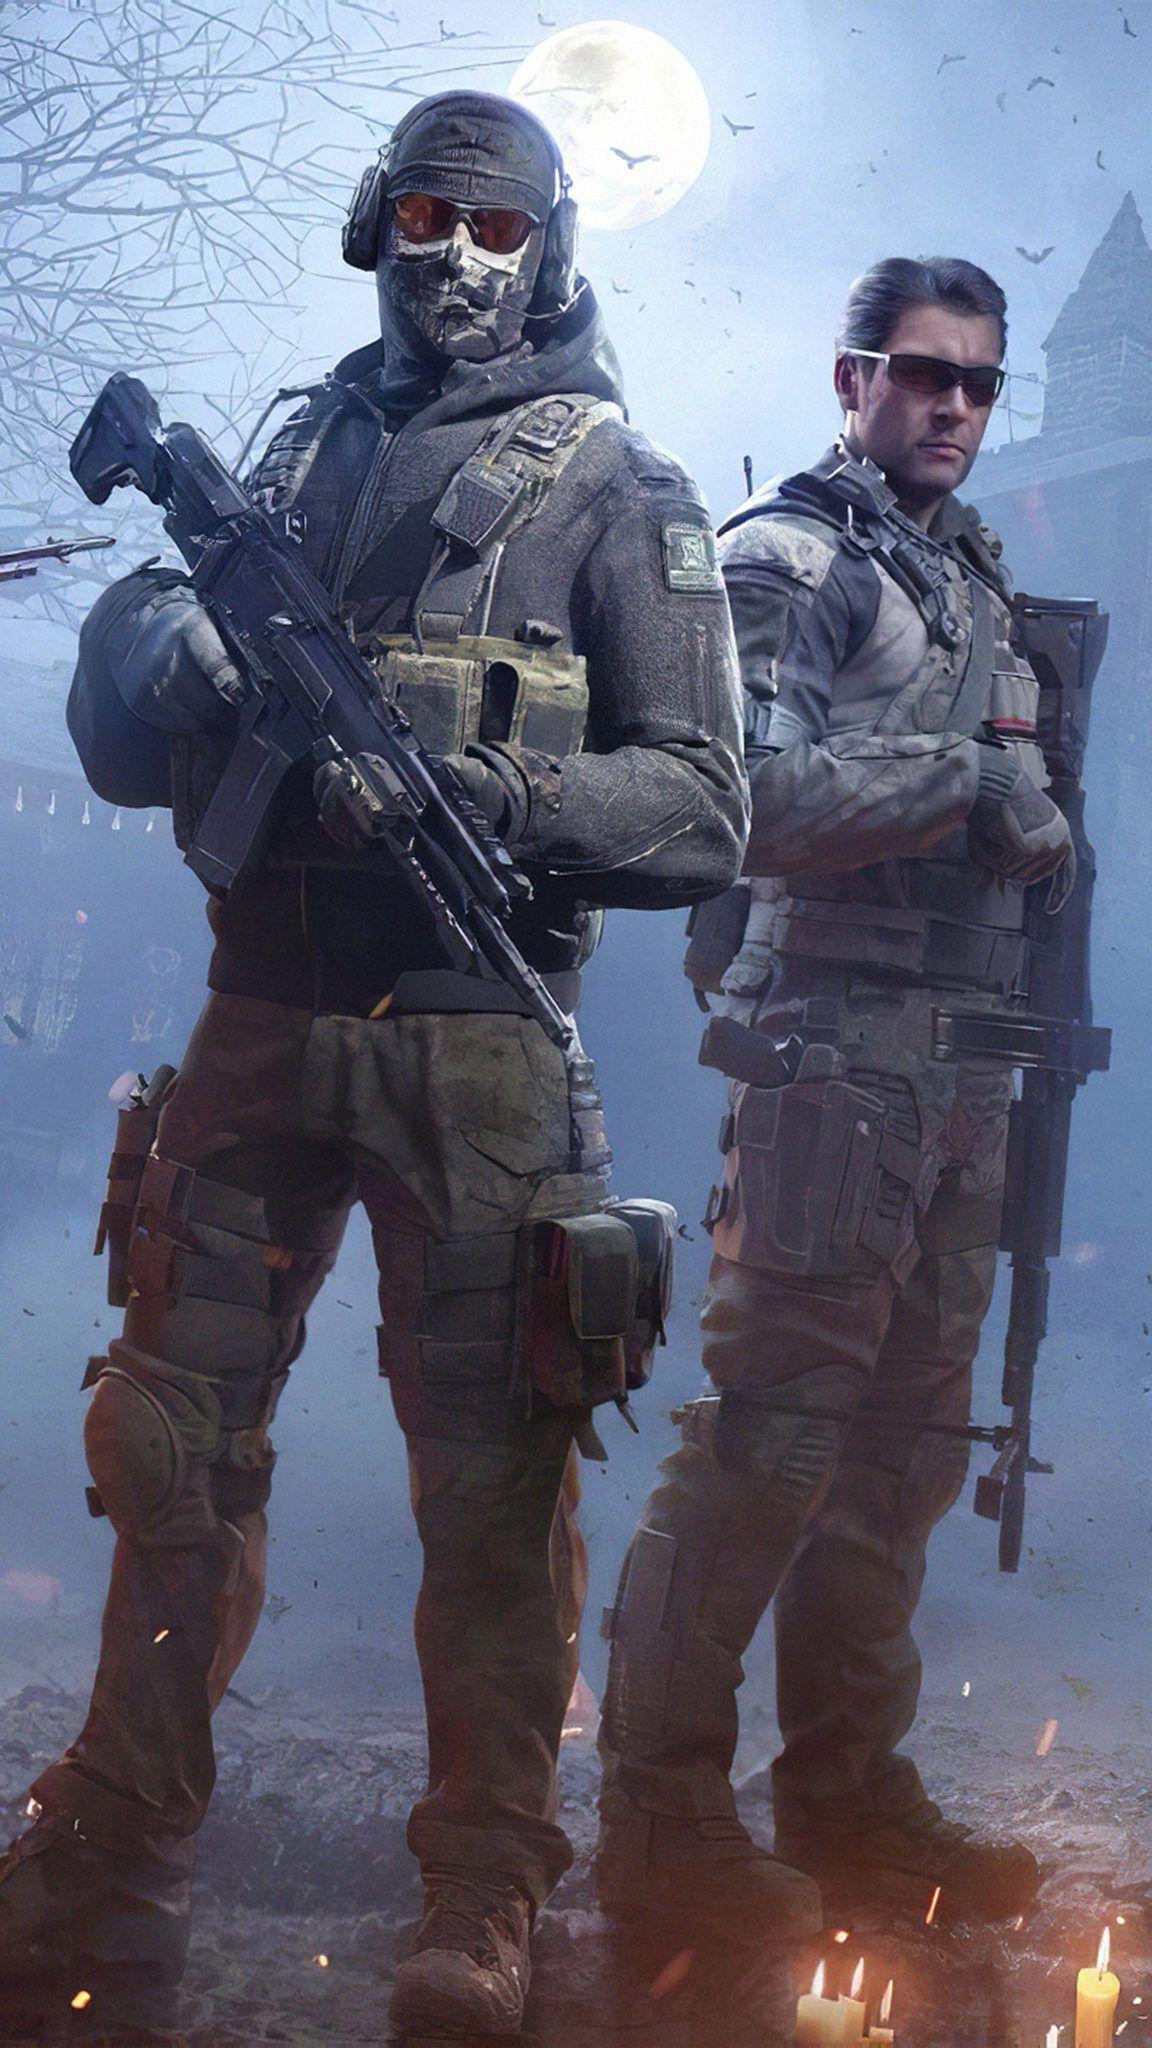 Squad Call Of Duty Mobile 4k Ultra Hd Mobile Wallpaper Papeis De Parede De Jogos Atirador De Elite Hobbit Filme